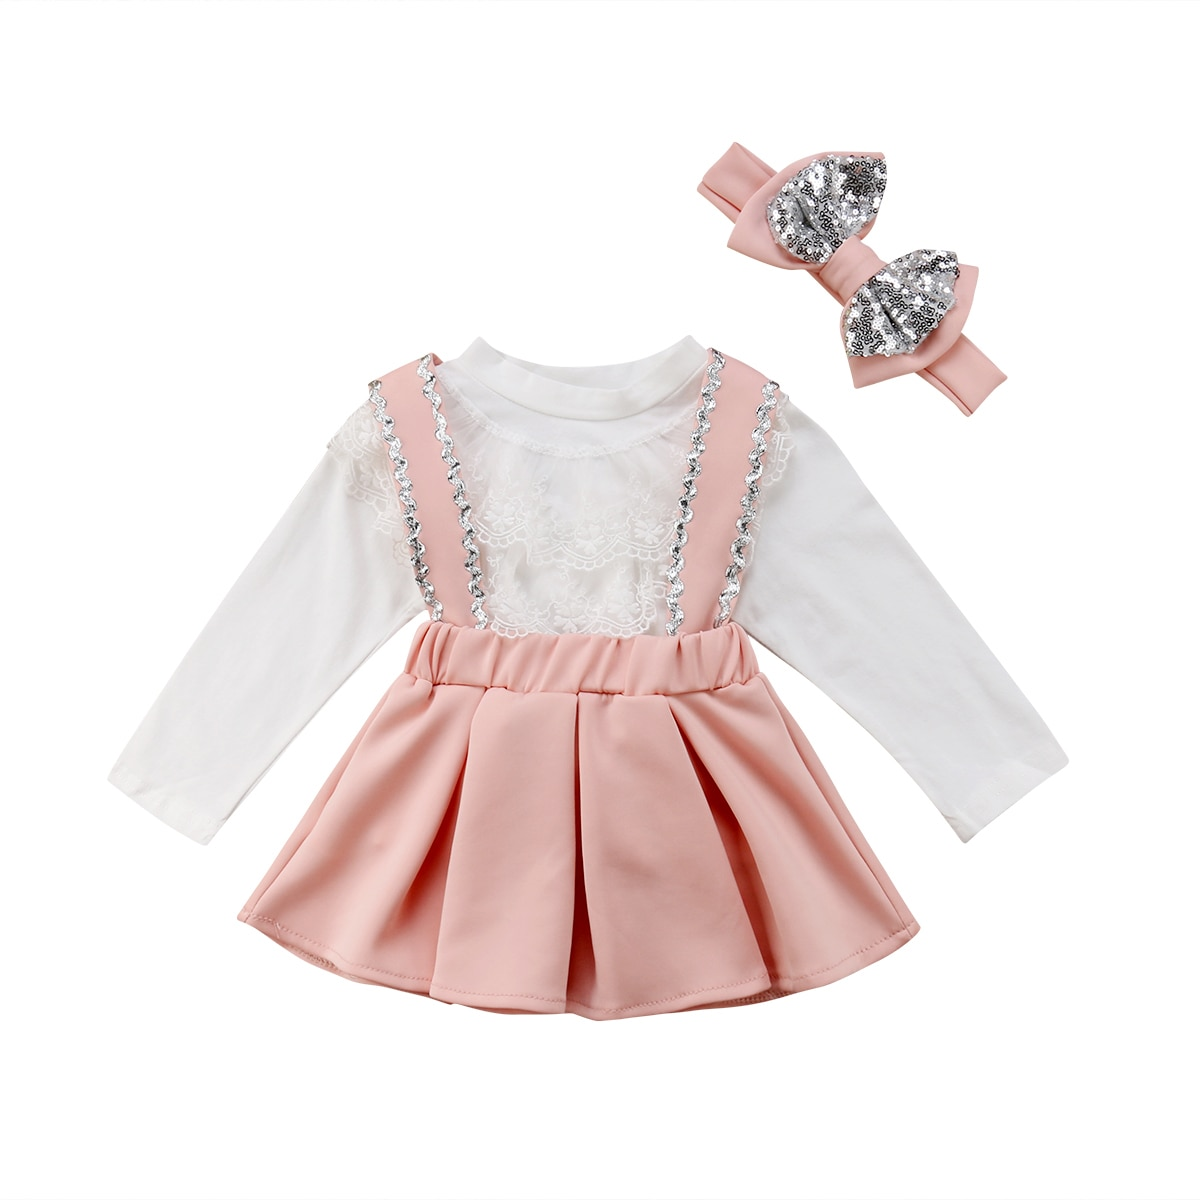 Vêtements princesse pour enfants filles   T-shirt à manches longues, en dentelle blanche, ensemble 2 pièces, avec jupe à bretelles et nœud papillon, ensemble de vêtements